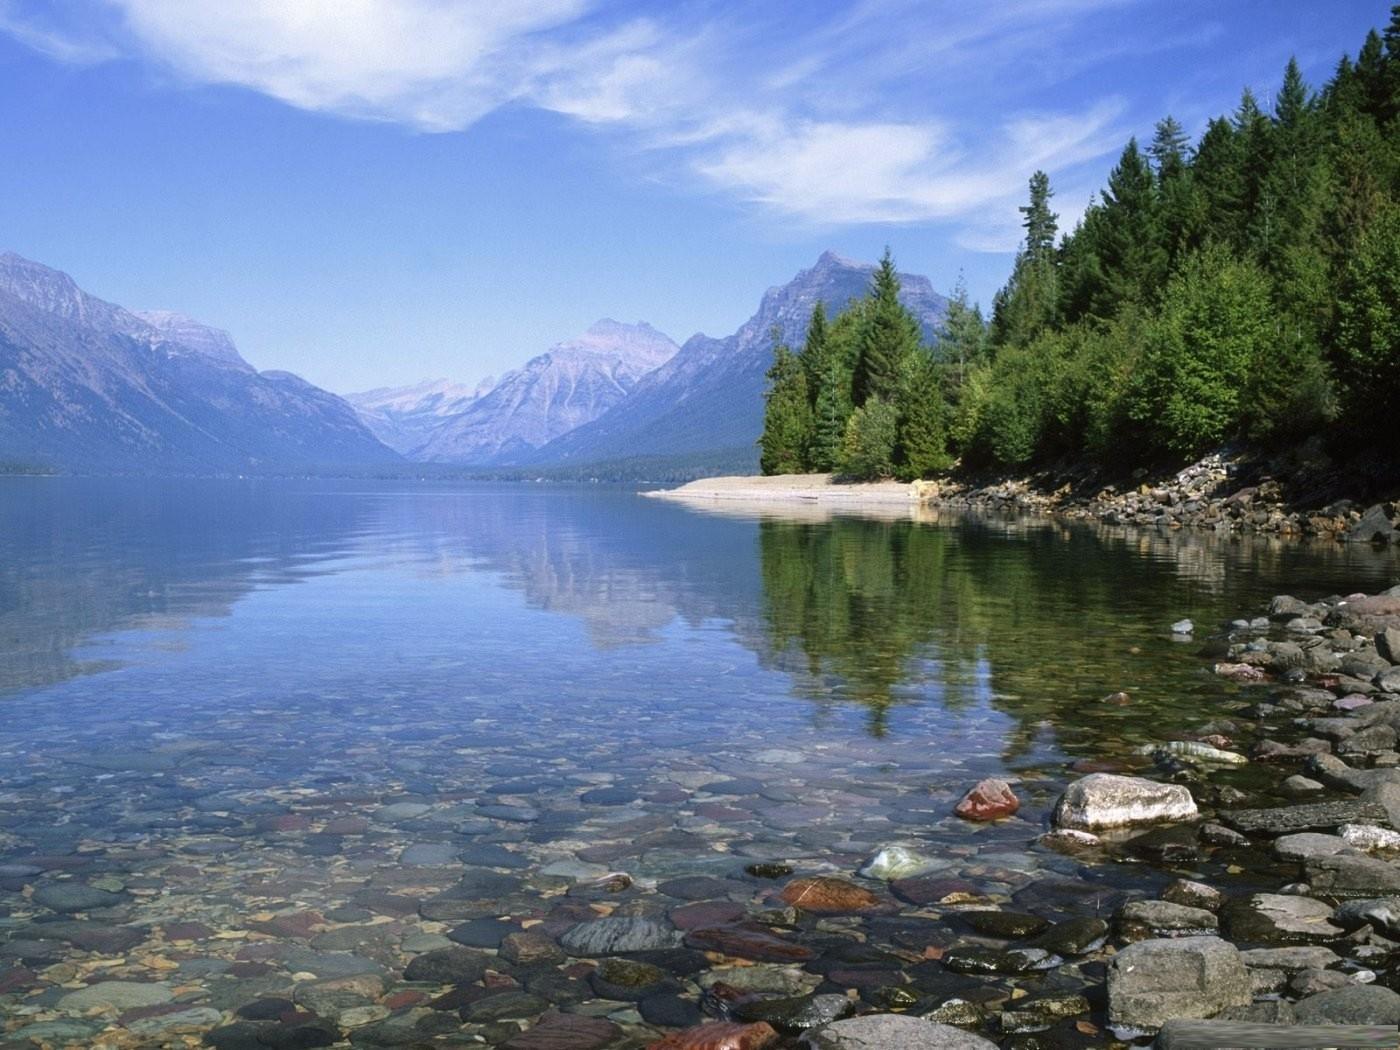 42225 Заставки и Обои Озера на телефон. Скачать Озера, Пейзаж, Природа, Горы картинки бесплатно